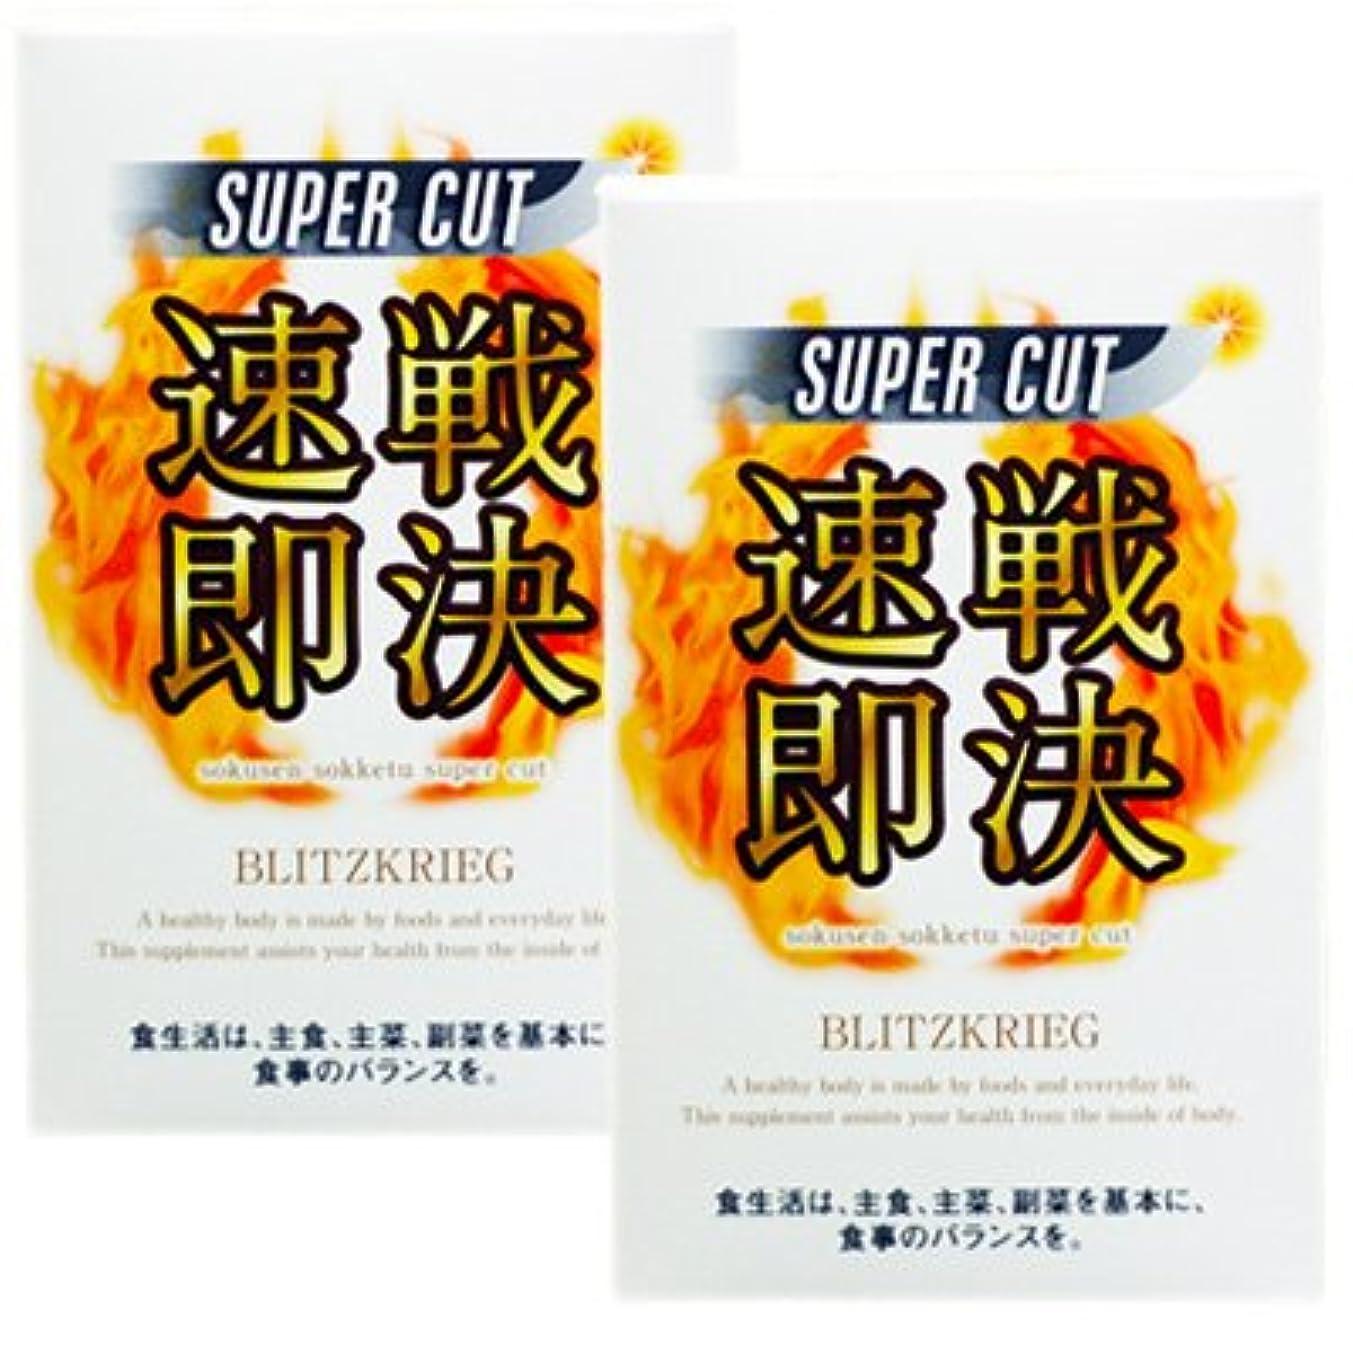 自由時間とともに教え速戦即決 スーパーカット2個セット! そくせんそっけつ×2個 SUPER CUT